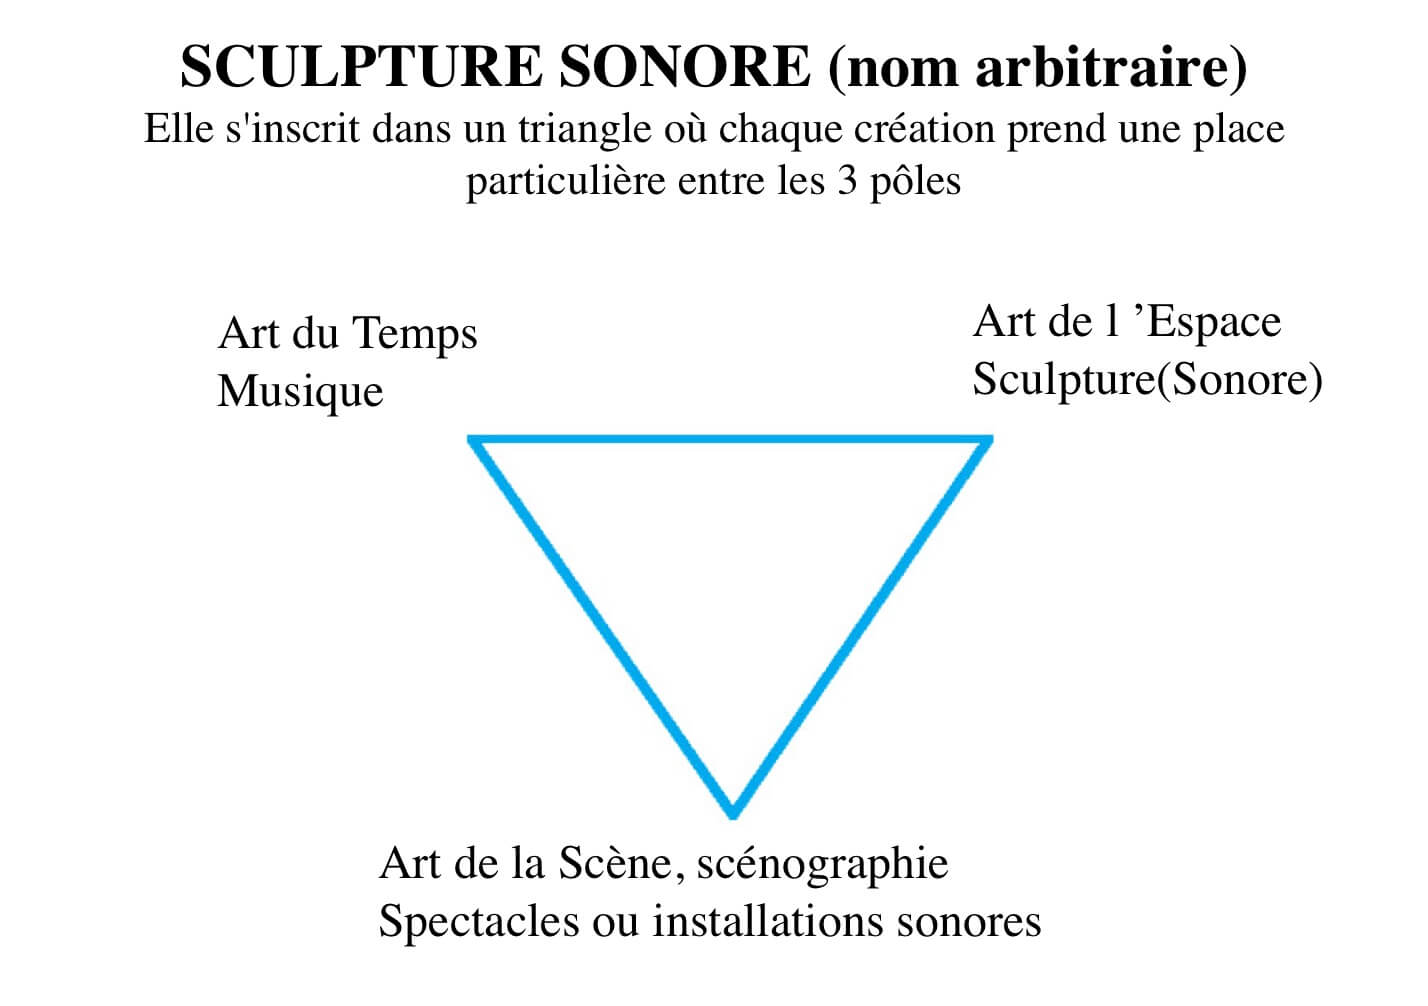 Scema montrat les 3 arts (temps musique, espace sculpture, scène spectacles))autour d'un triangle bleu